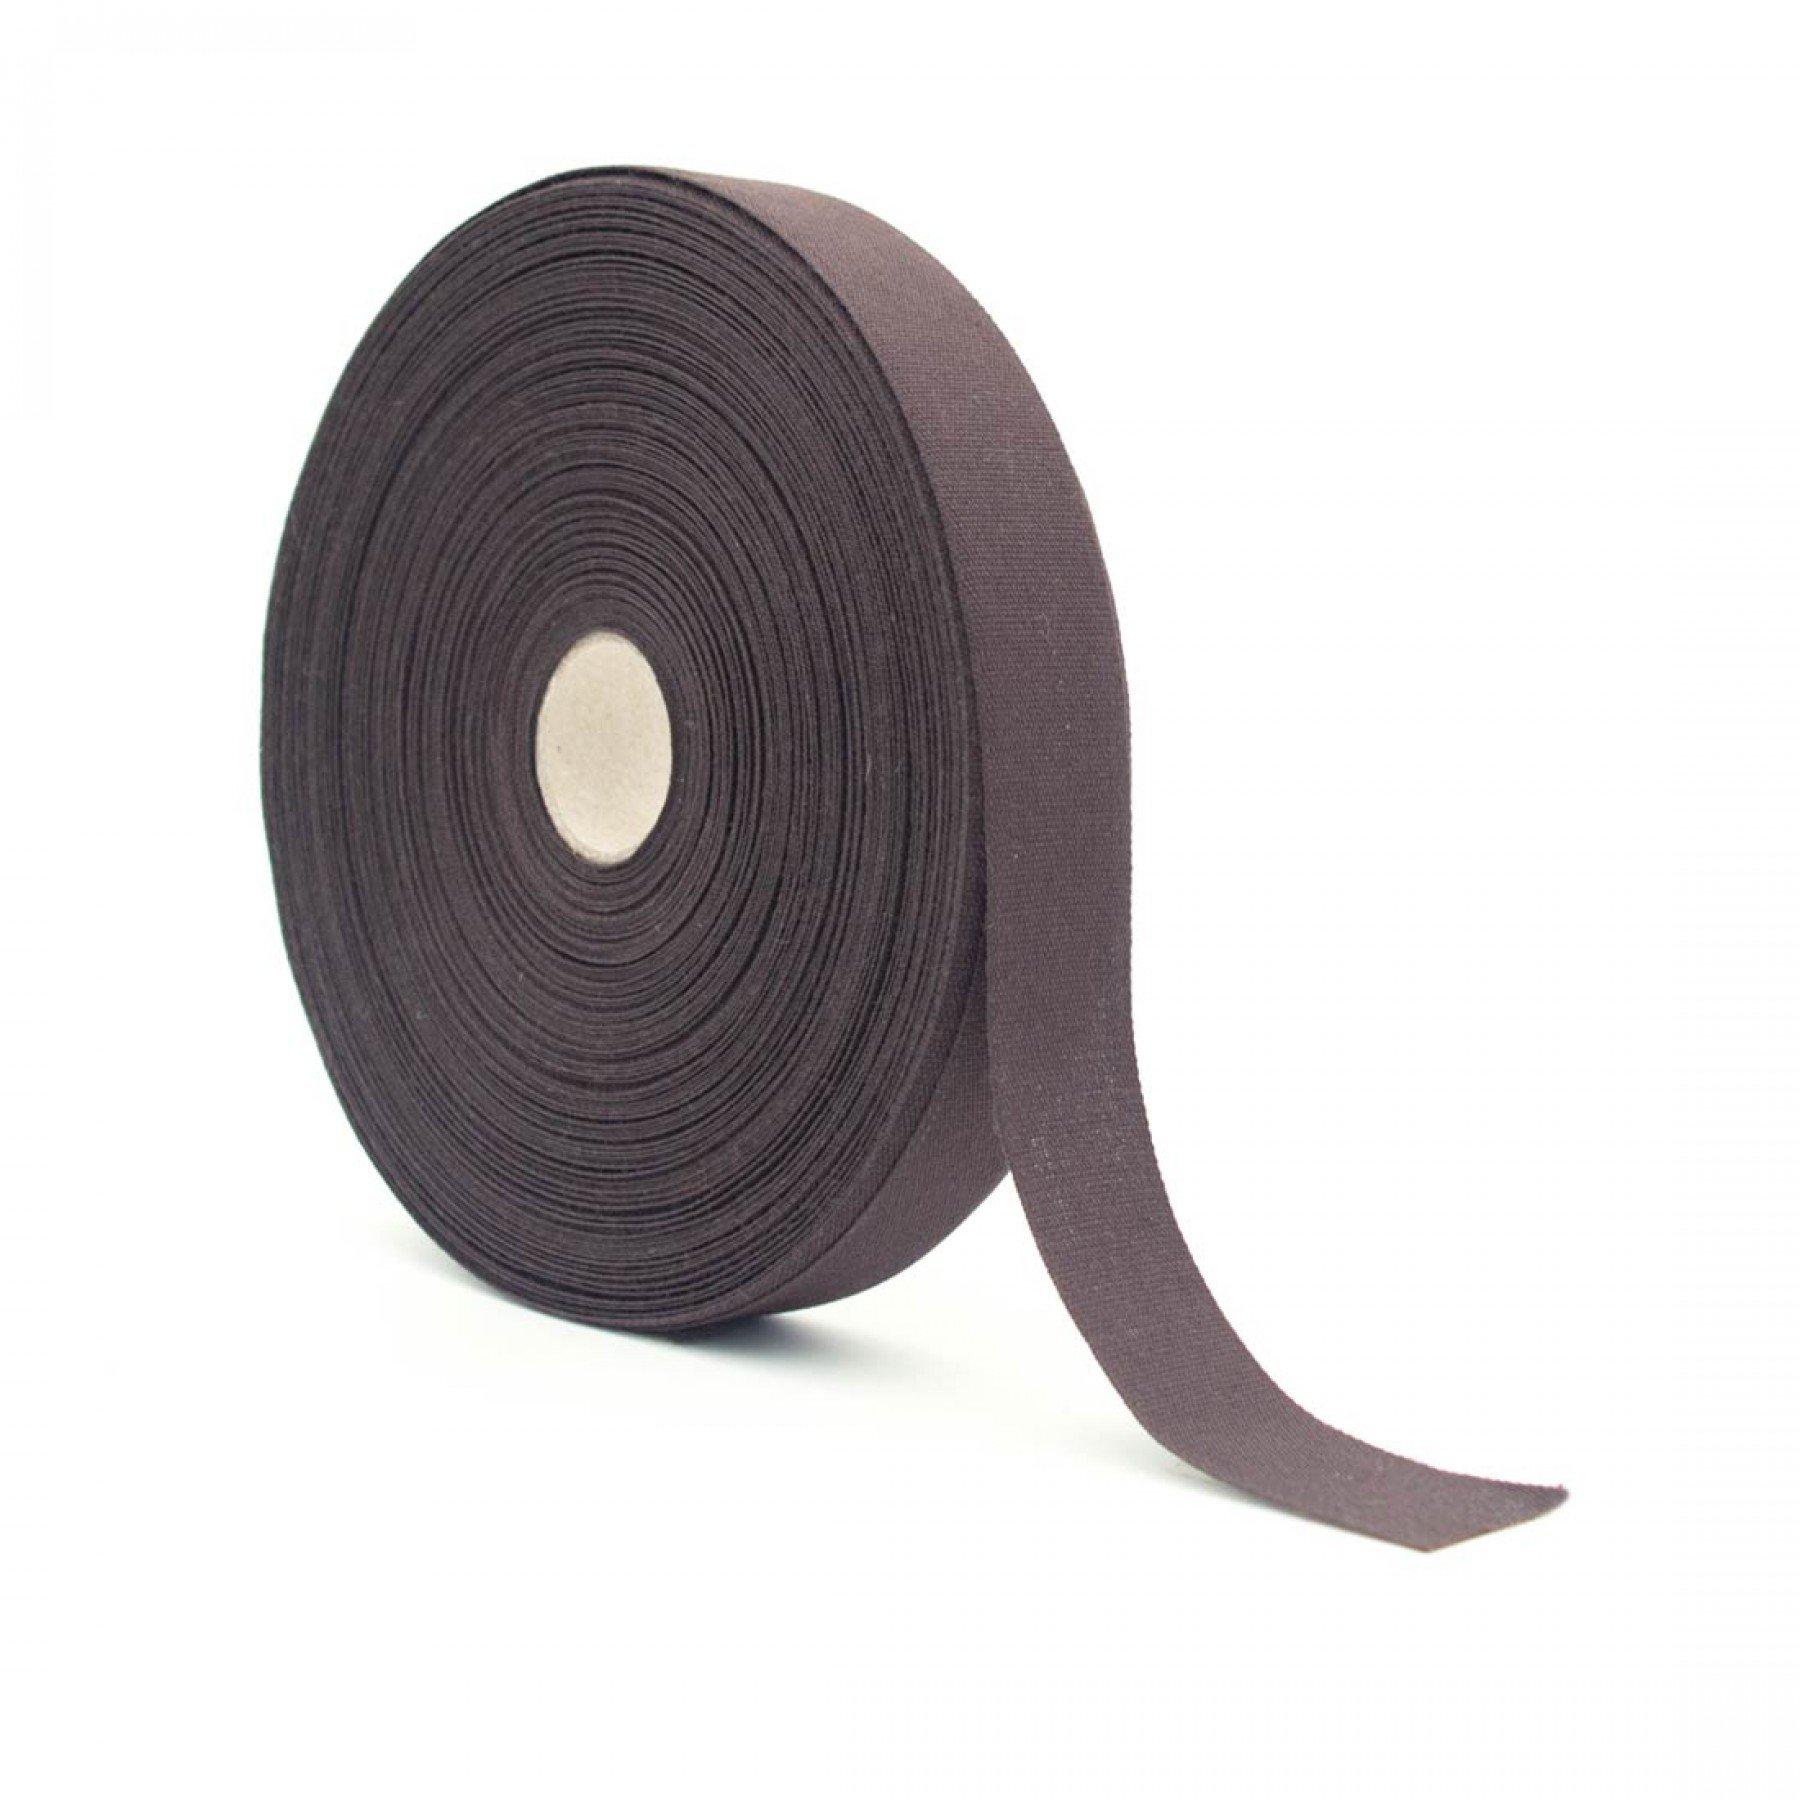 Le Stampe di Alice Cinta de algodón Cabeza de Moro, H 25 mm Longitud 50 m: Amazon.es: Hogar